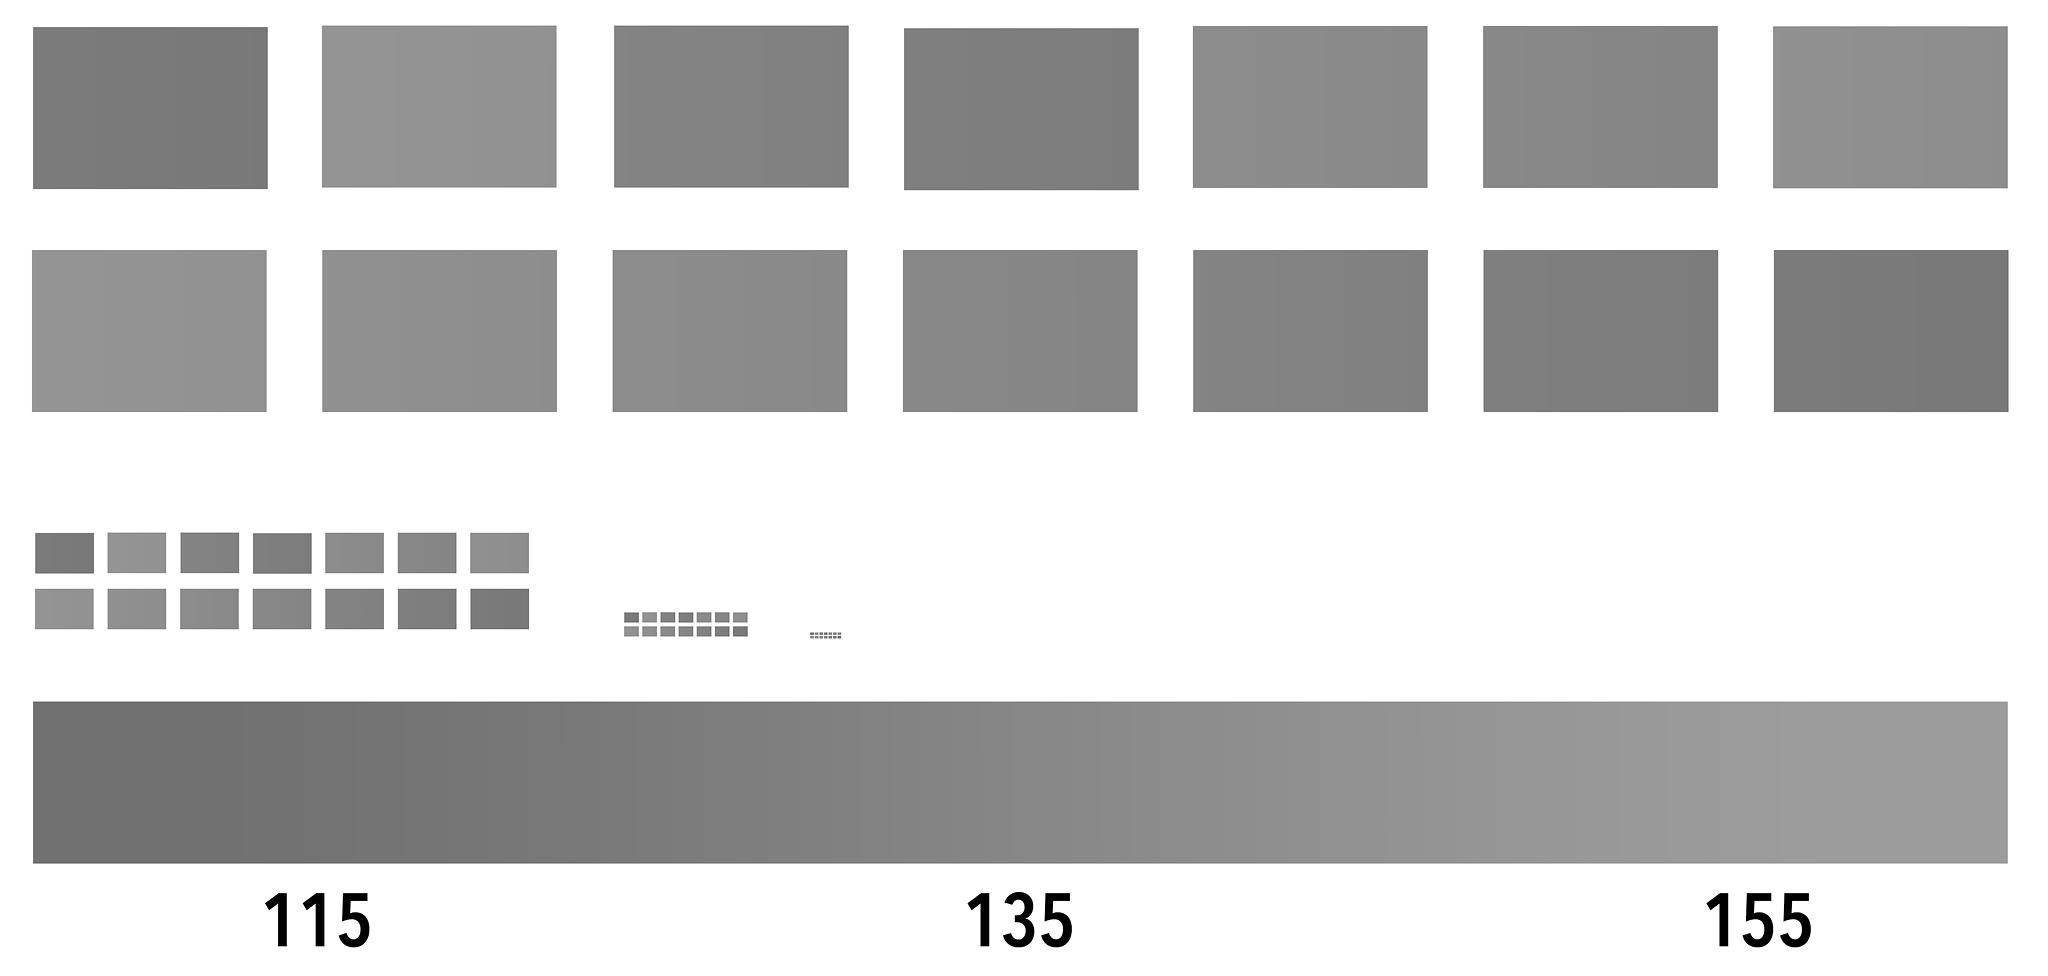 Testbild zur Wahrnehmung von Tonwertunterschieden. In diesem Bild befinden sich graue Kästchen mit unterschiedlicher Helligkeit. Die jeweils obere und untere Reihe, weisen die gleichen Werte auf, jedoch ist die obere Reihe zufällig angeordnet, die untere immer absteigend. Die untere Skala zeigt die dazugehörigen RGB-Helligkeitswerte an. Bei Objektiven mit gutem Mikrokontrast ließen sich selbst die kleinsten Kästchen in der Nahansicht zweifelsfrei zuordnen, in der Praxis kann jedoch kein handelsüblicher Drucker so genau drucken. Bei Objektiven mit sehr schlechtem Mikrokontrast, wäre es hingegen selbst bei den großen Kästchen schwierig die genauen RGB-Werte zuzuordnen.